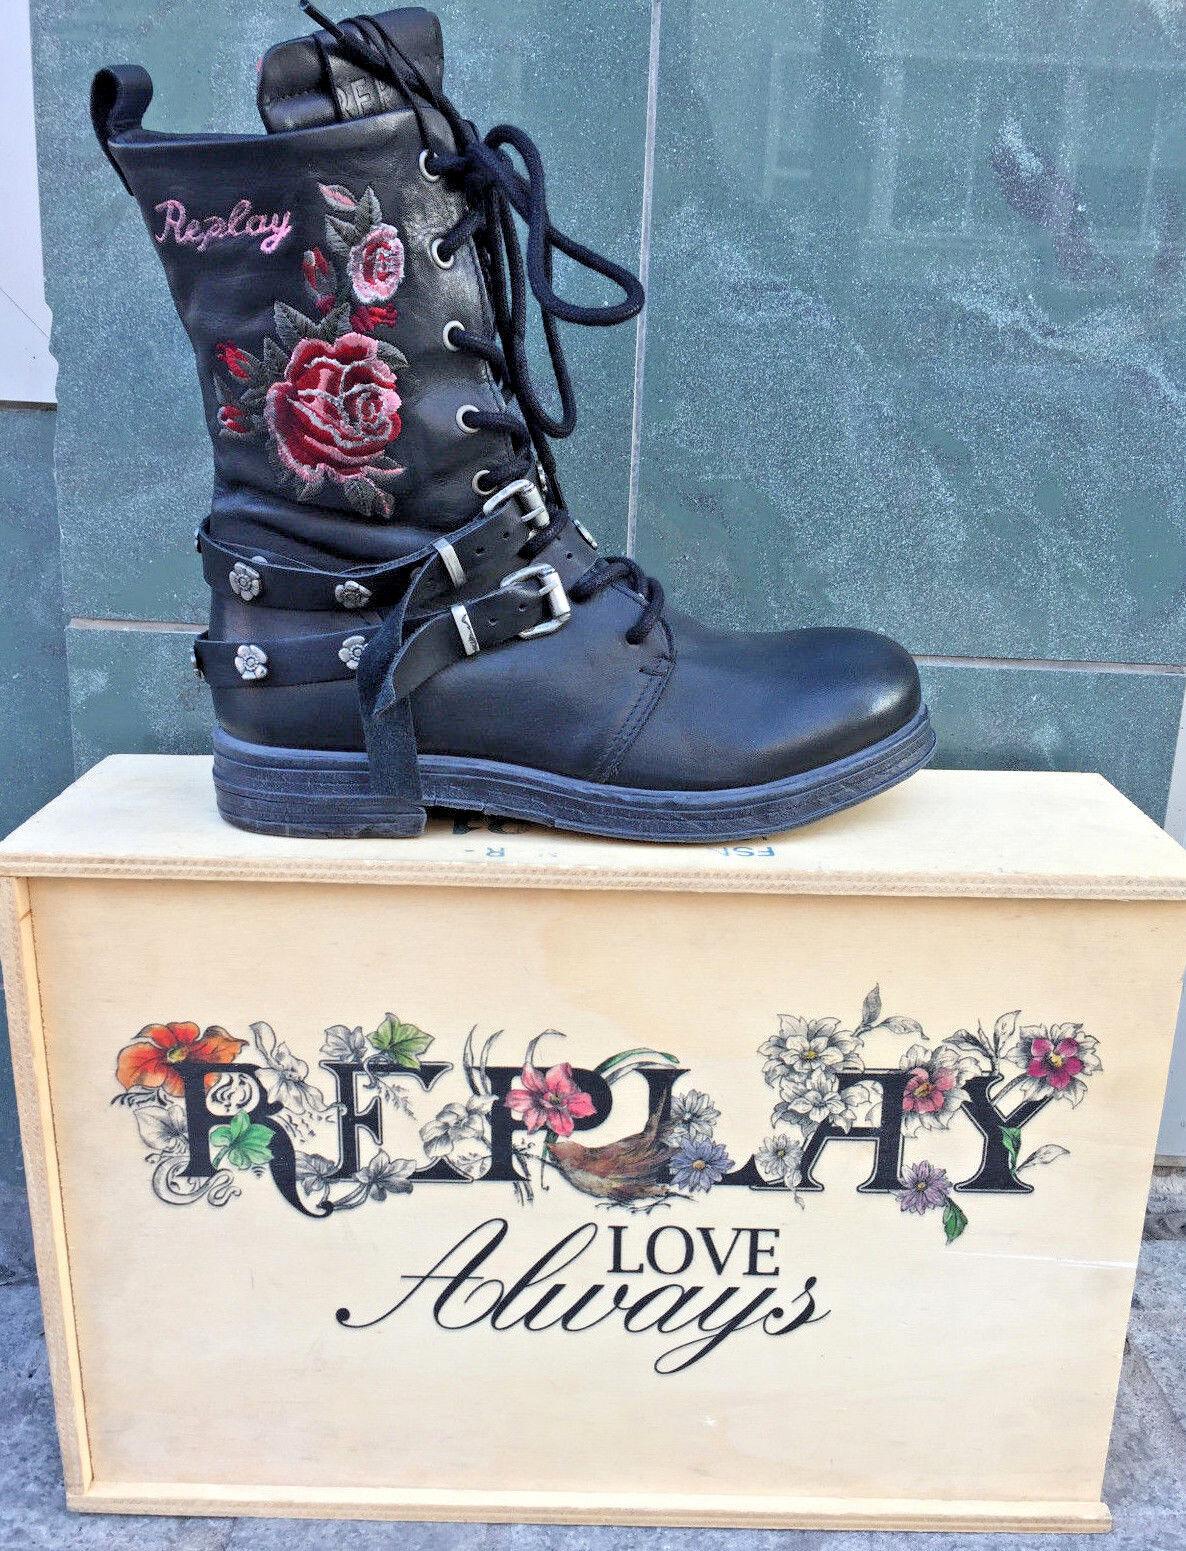 REPLAY Scarpe da Donna Scarpe Stivali Stivaletti upset Ricamo Boots in Pelle Fiori Ricamo upset a2f247